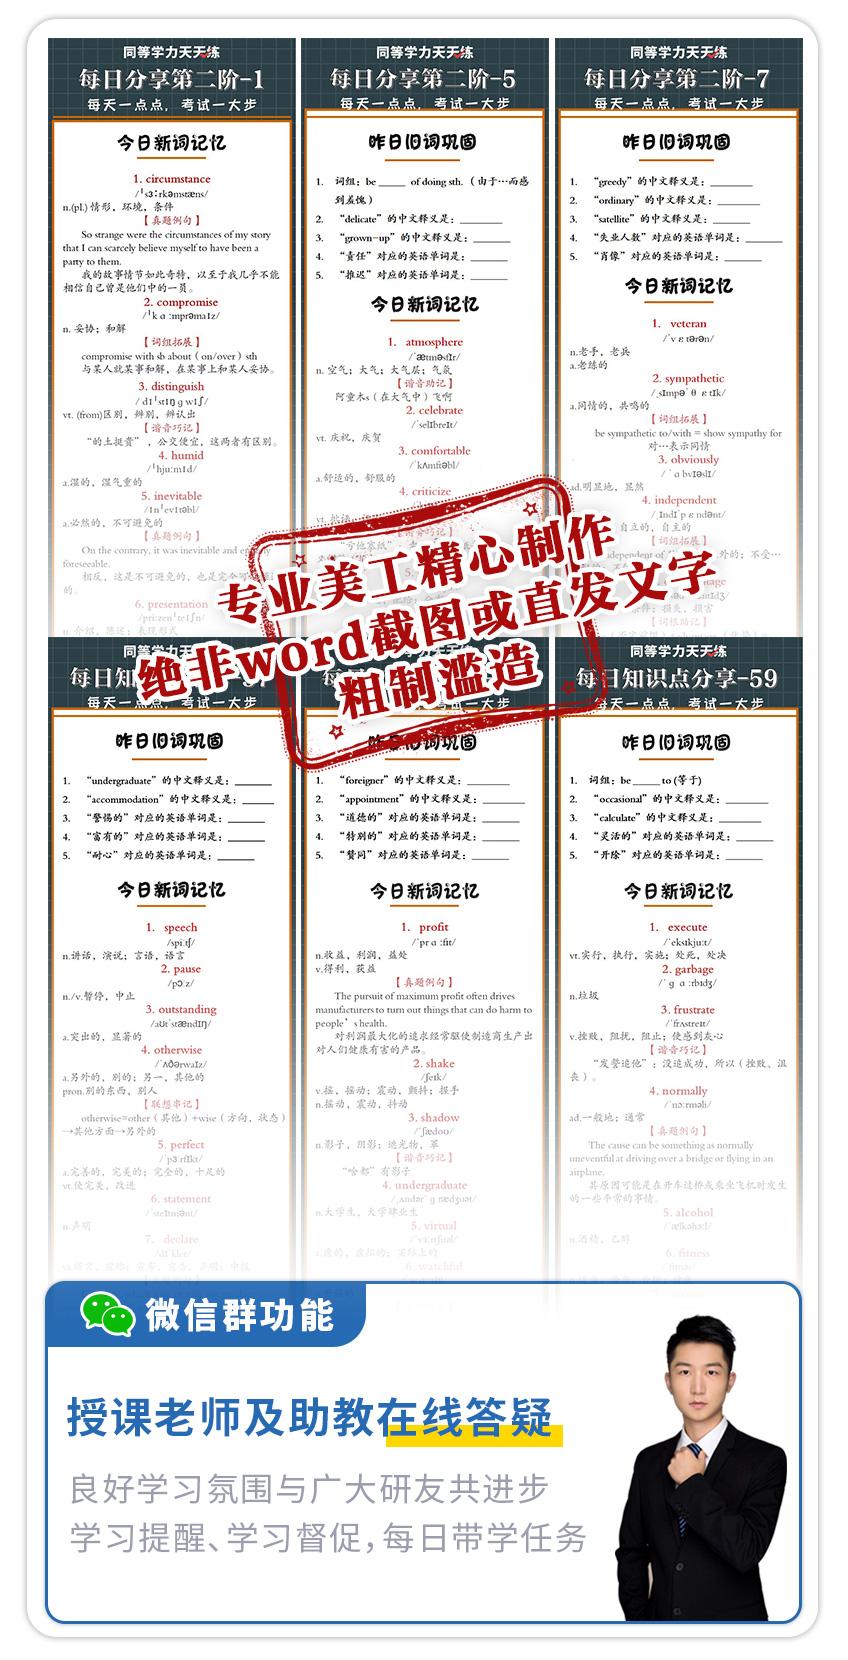 考研考博类-同等学力考试-外语-英语